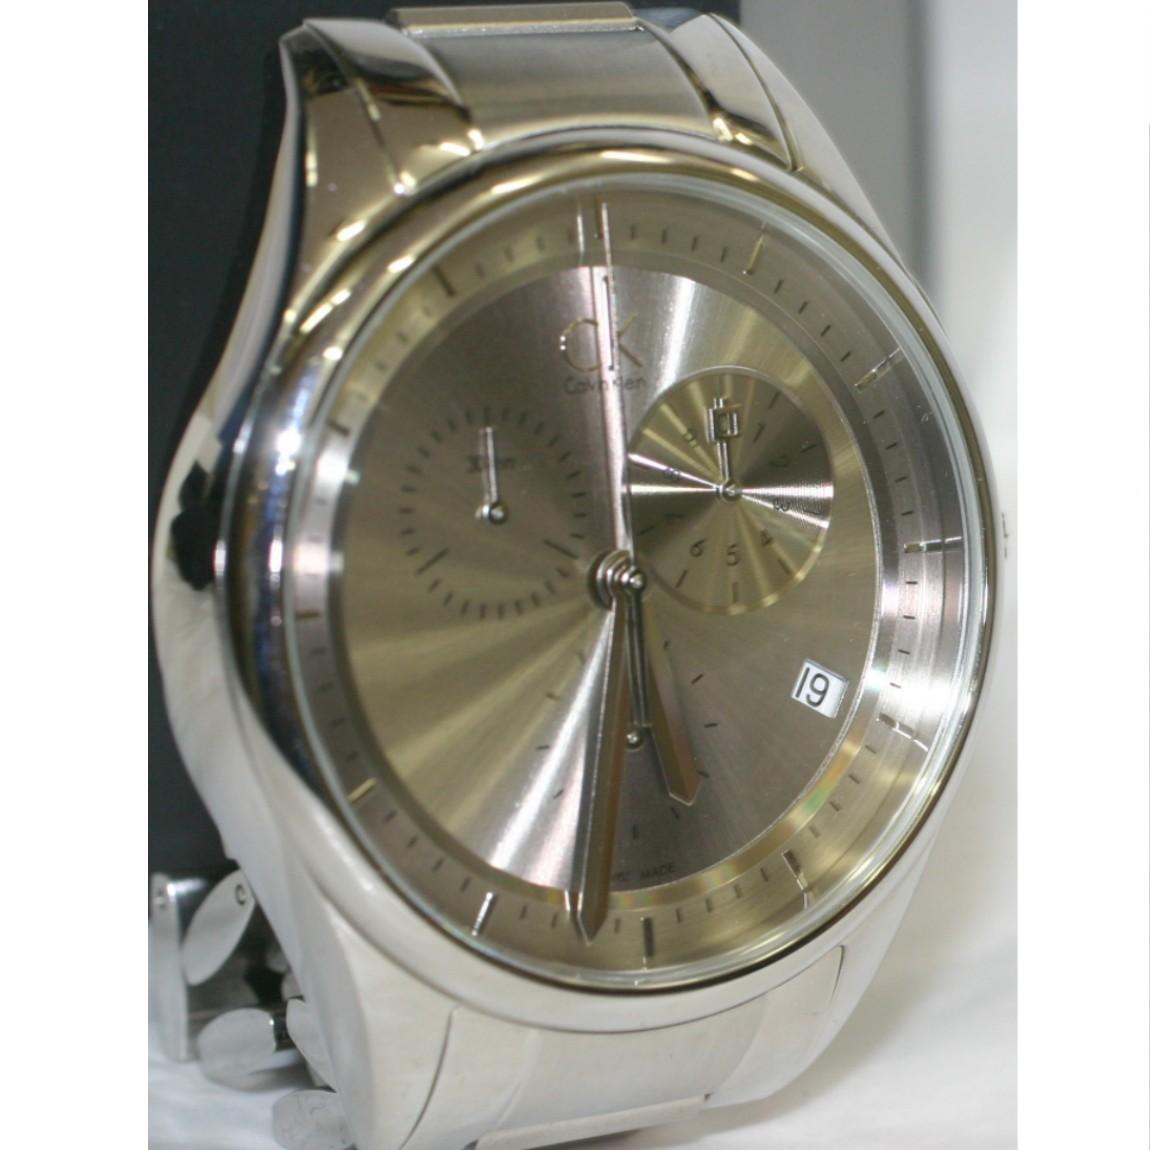 【中古】本物新品同様カルバンクライン紳士用クロノ文字盤のシルバーグレーのお洒落な時計3ヶ月保障付